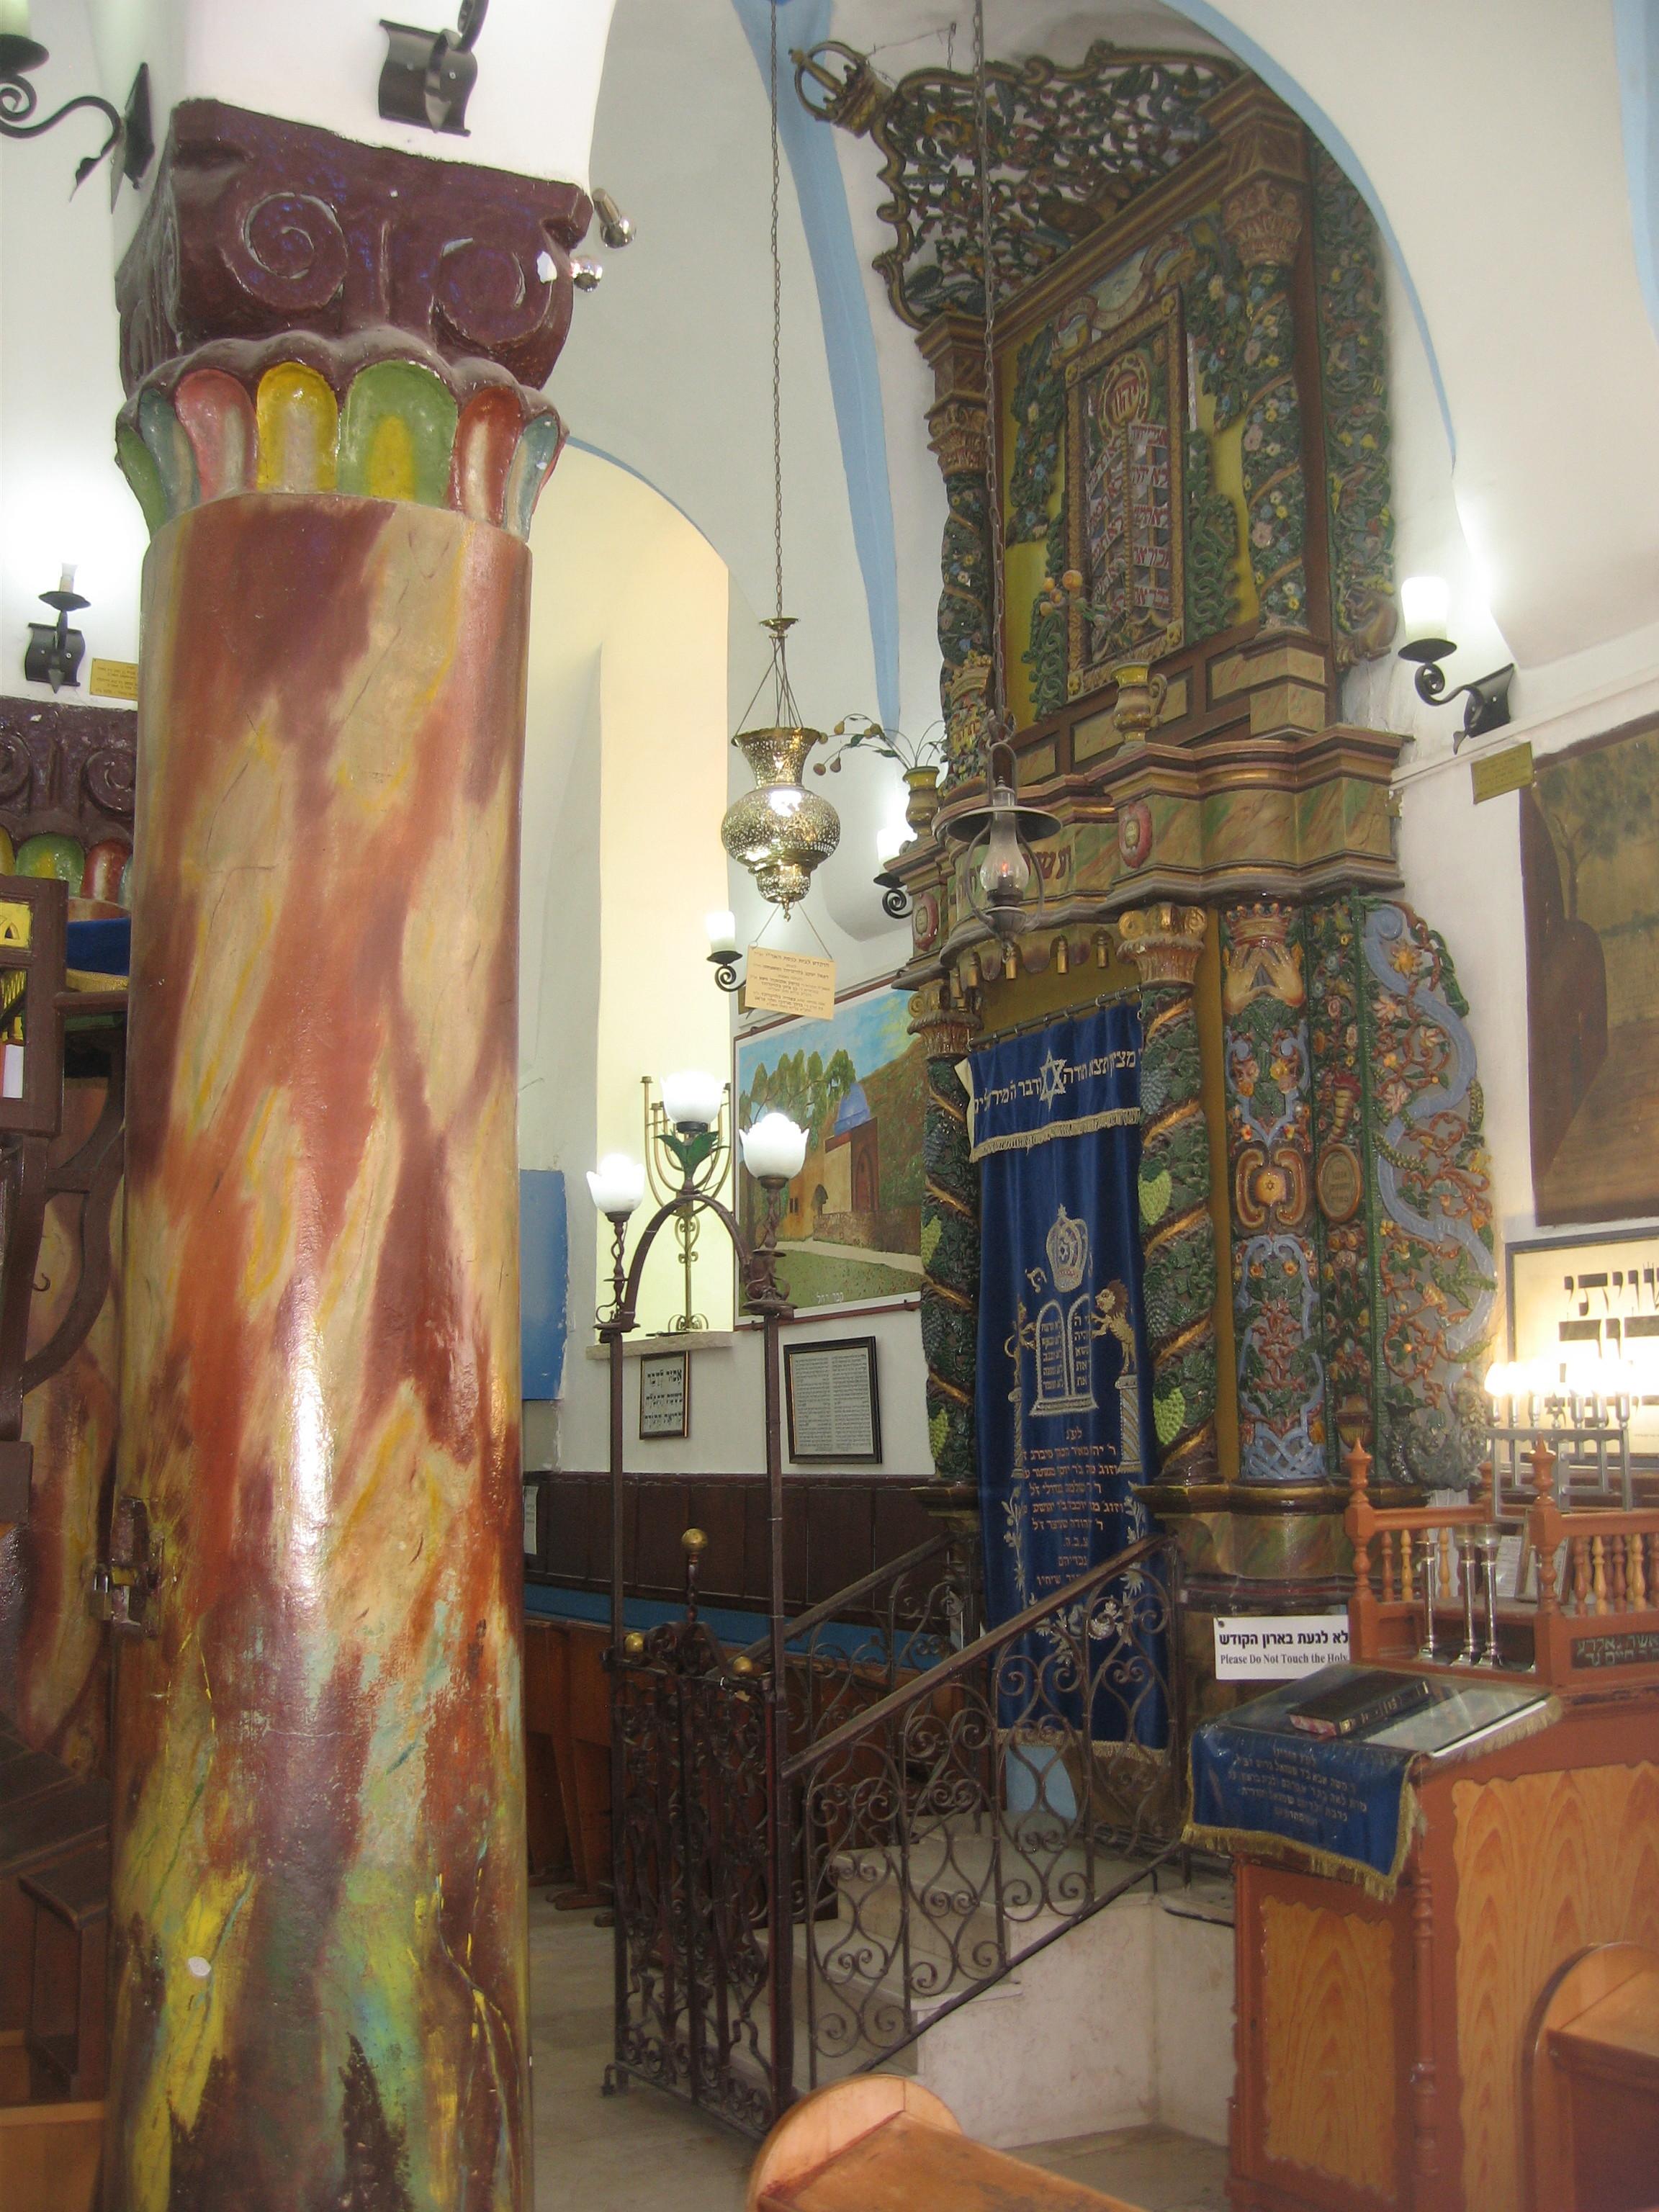 8-Intérieur de la synagogue Ary Eskenazy à Safed